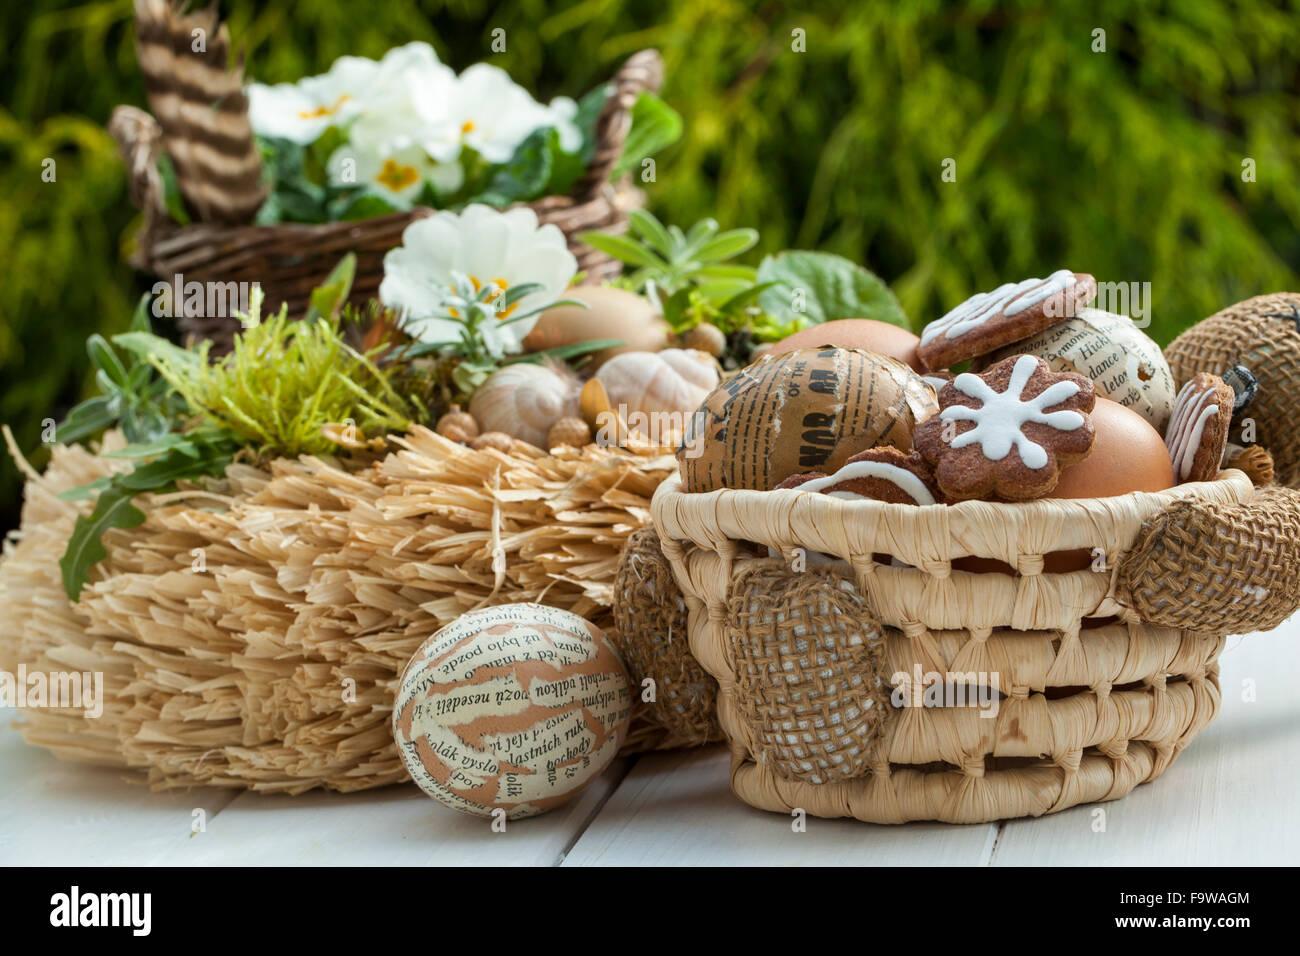 Peindre Un Panier En Osier matériel : panier en osier avec lapins, de journaux ou de